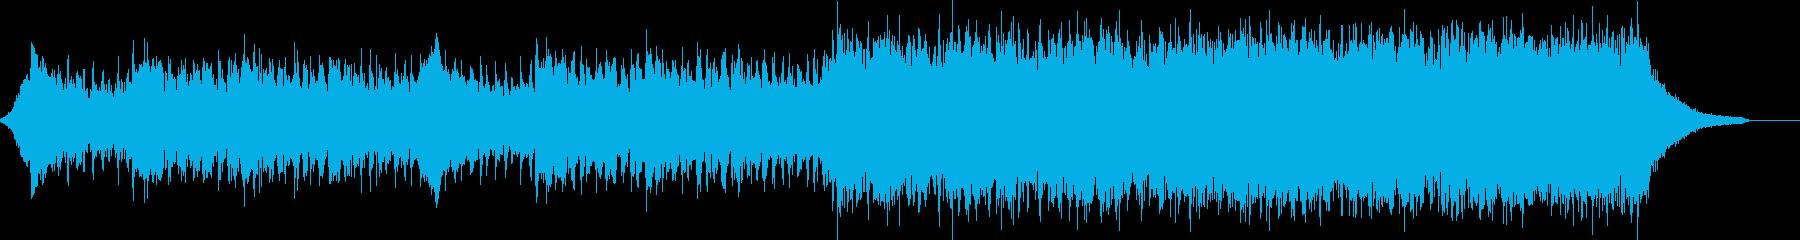 企業VP映像、109オーケストラ、壮大bの再生済みの波形